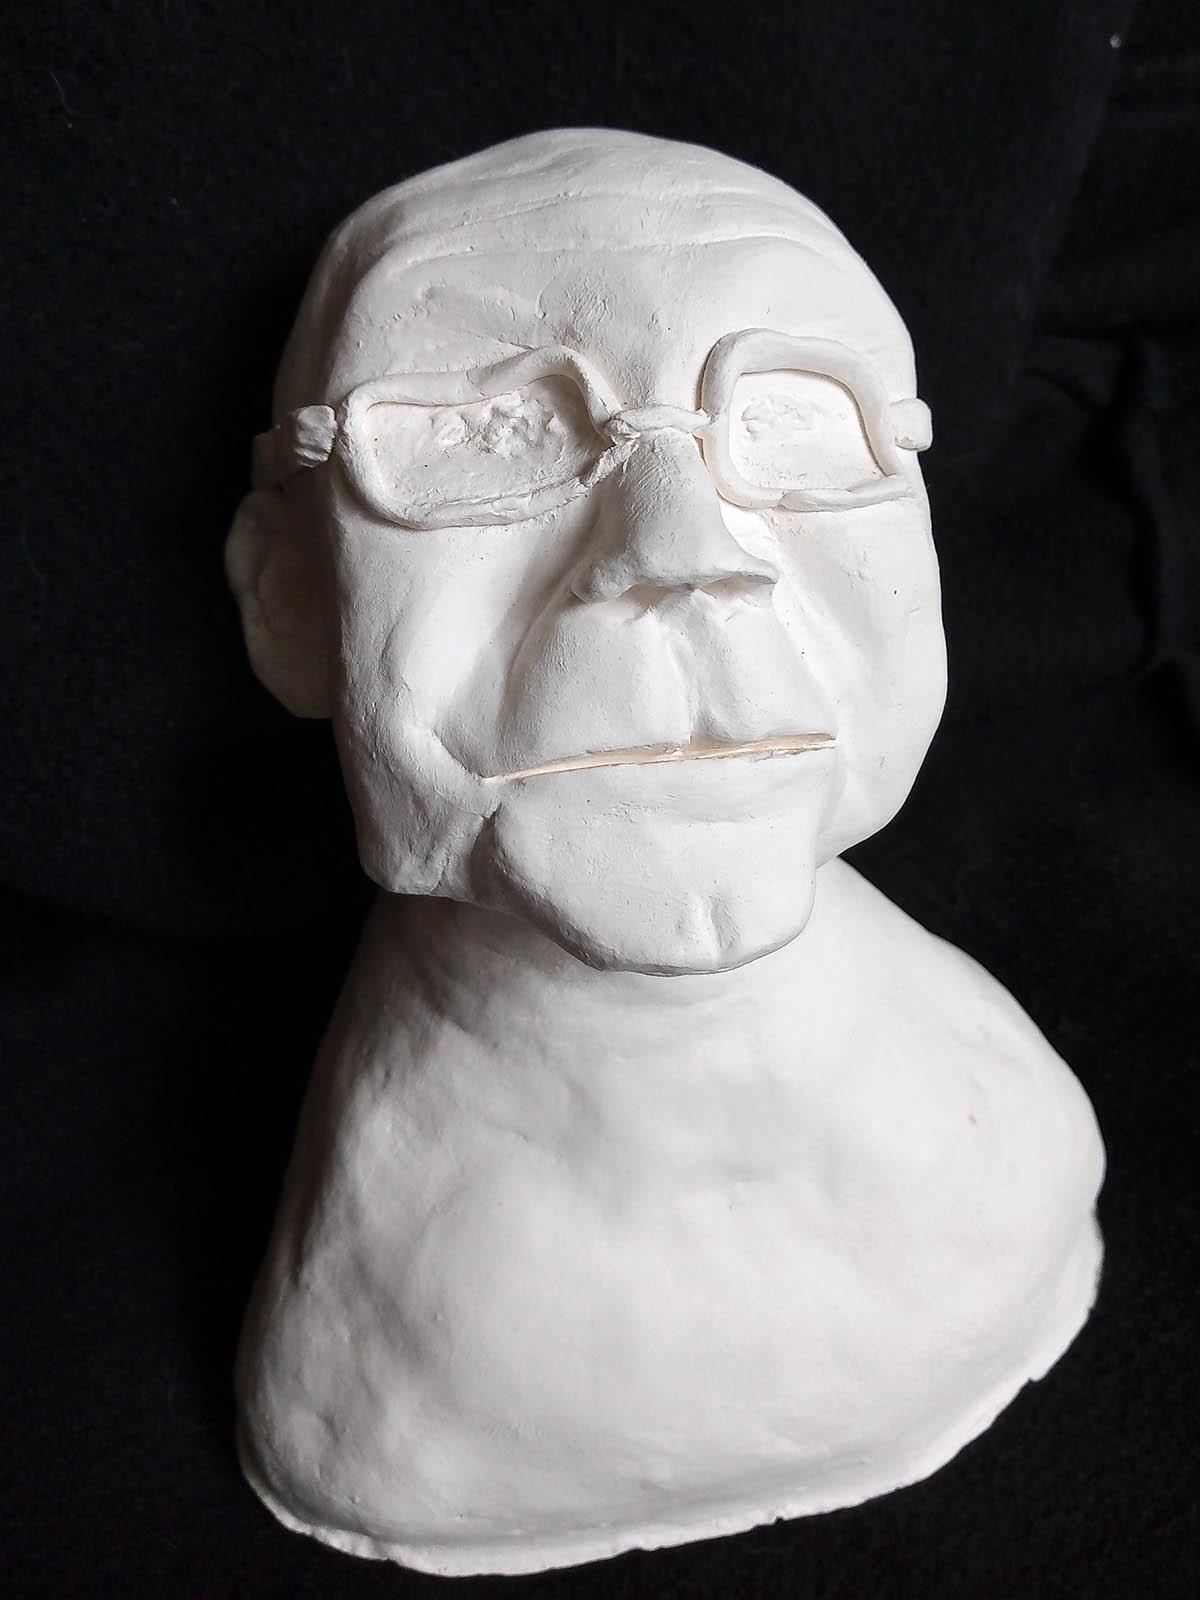 Valkoinen, massasta muotoiltu rintakuva esittää kaljua, silmälasipäistä miestä. Hänellä on pyöreät kasvot, leveä suu ja suuret paksusankaiset silmälasit.